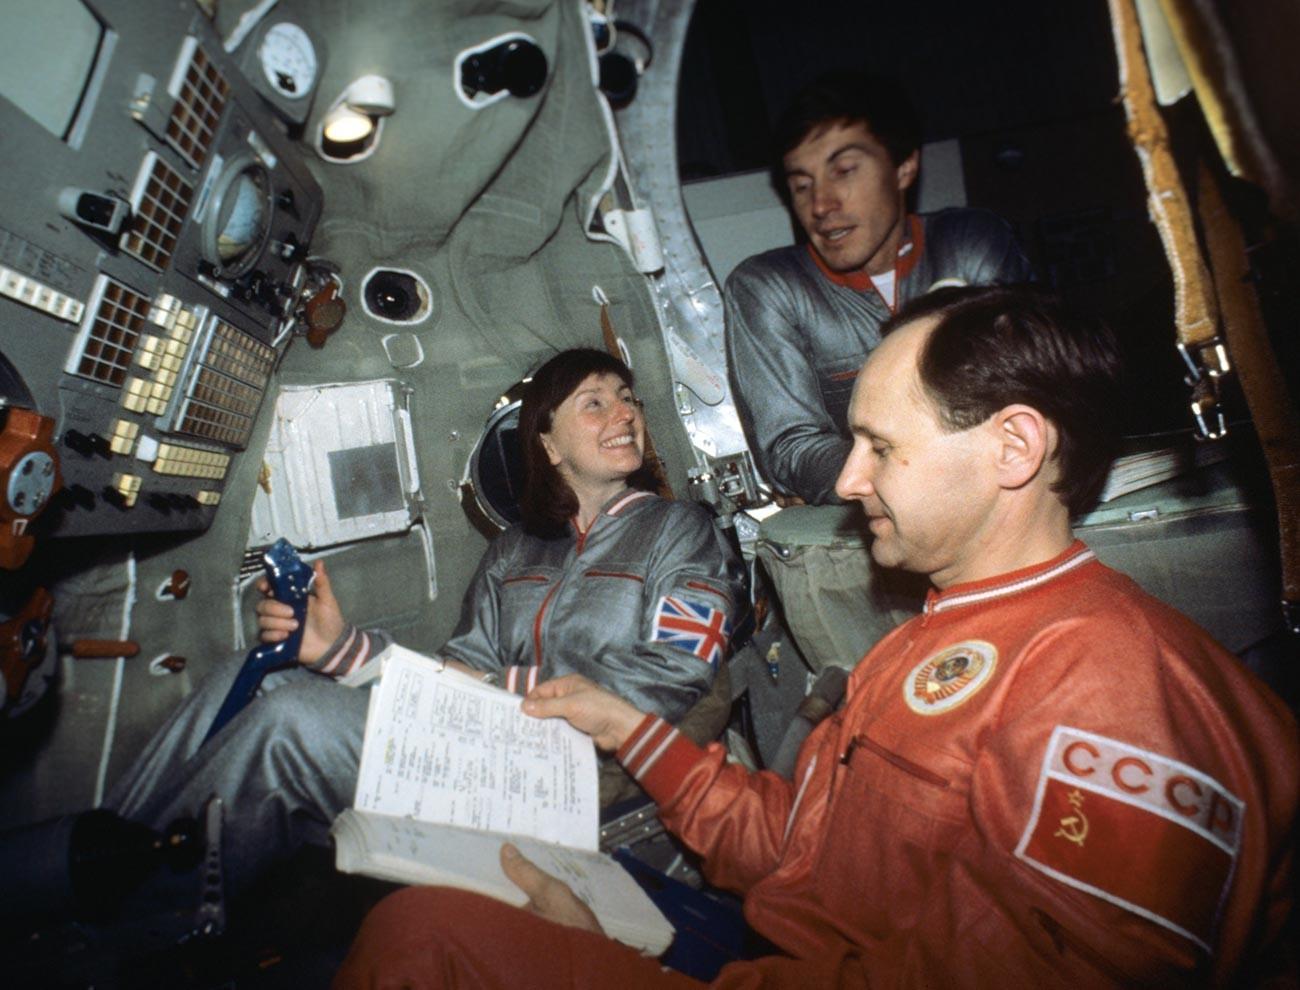 L'equipaggio spaziale sovietico-britannico: Helen Sharman, Sergej Krikalev e Anatolij Artsebarskij